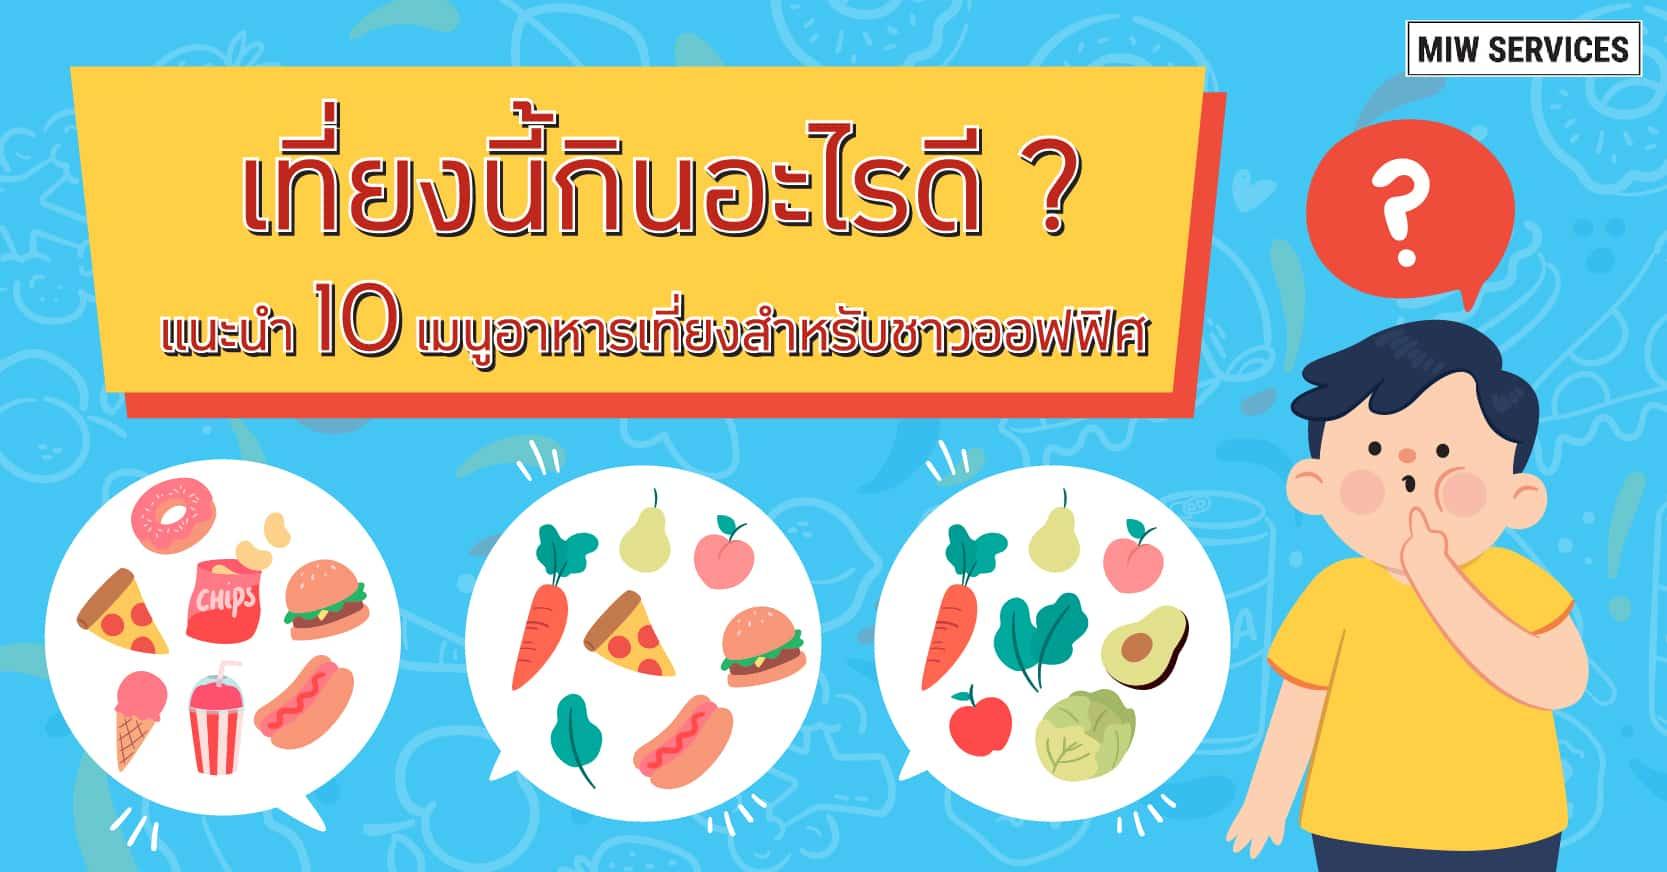 what eat 1200x628 01 - เที่ยงนี้กินอะไรดี ? แนะนำ 10 เมนูอาหารเที่ยงสำหรับชาวออฟฟิศ